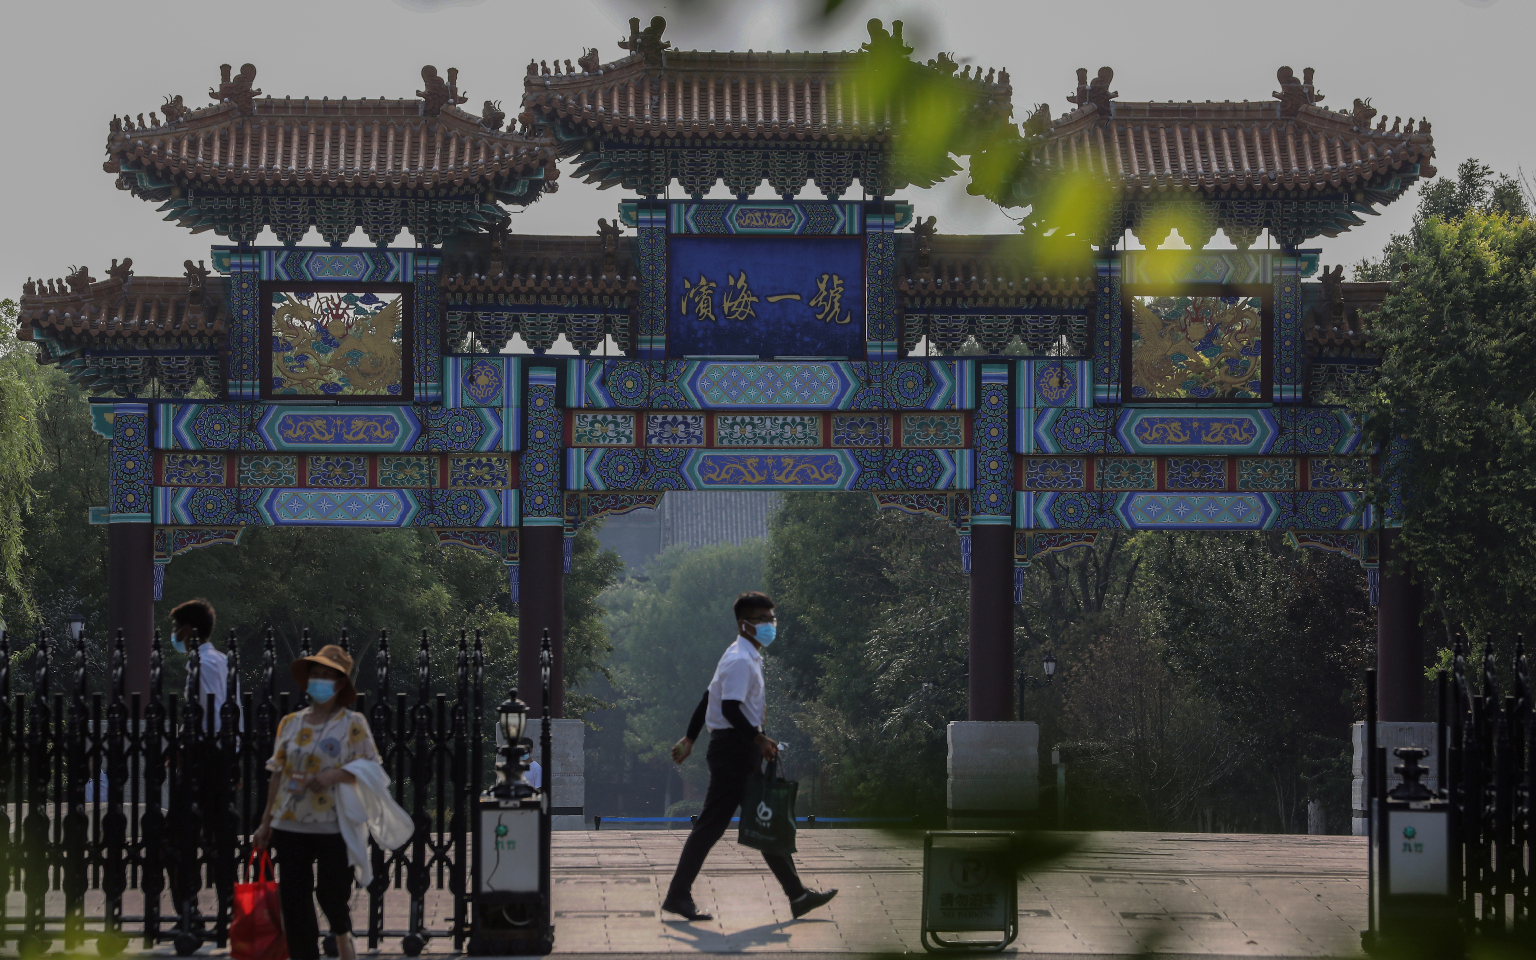 Фото: Tingshu Wang / Reuters